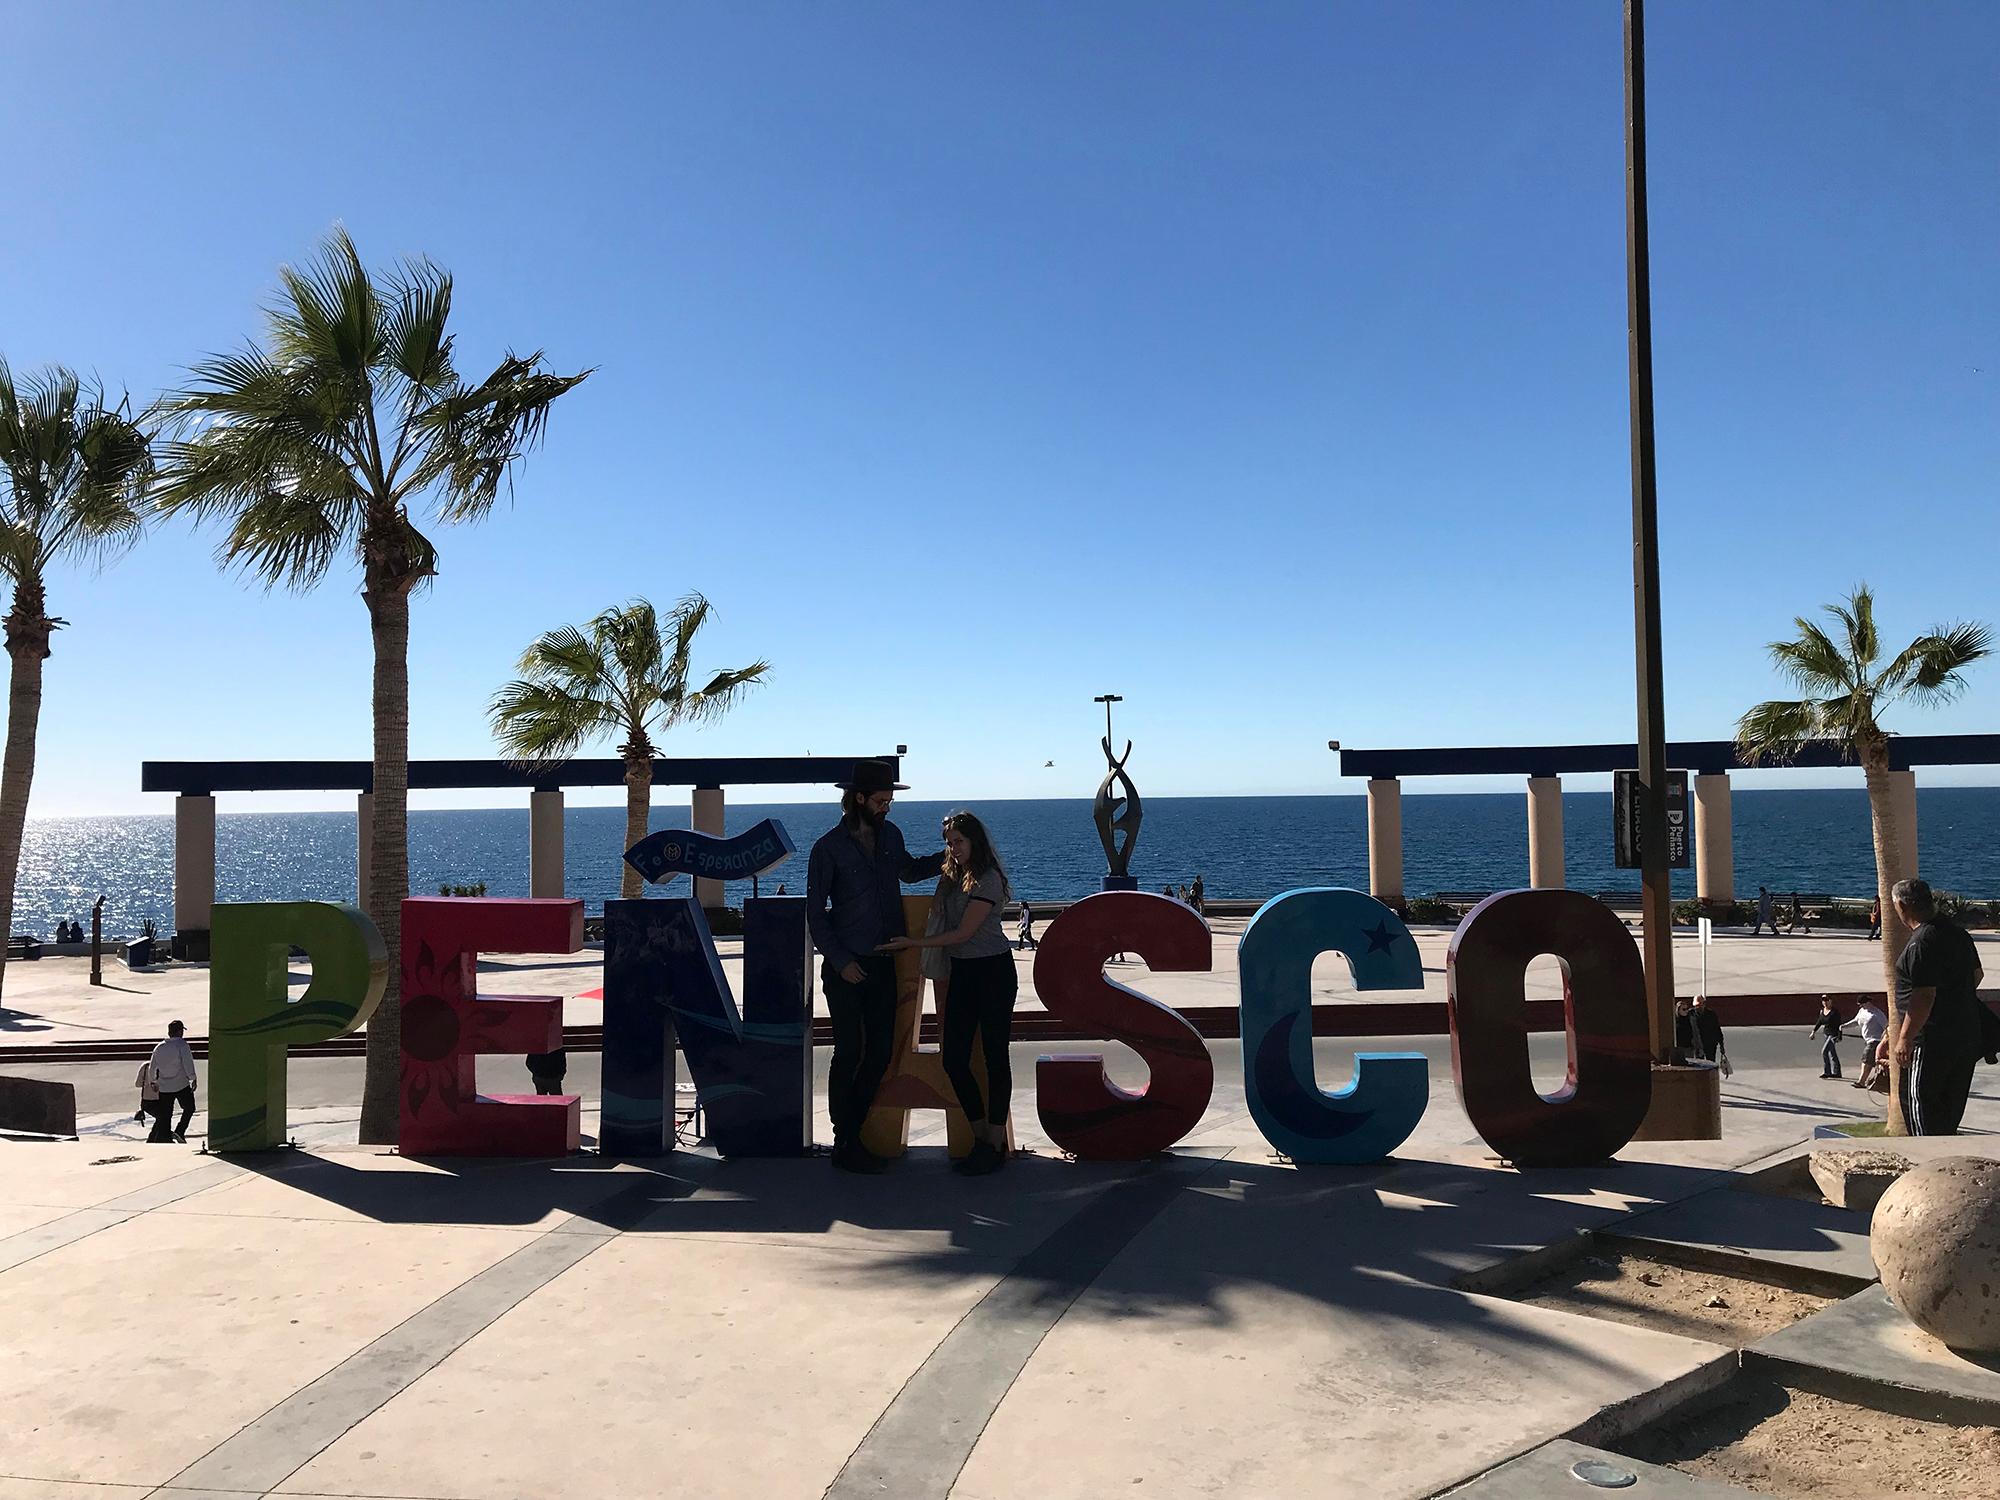 Generic Van Life - Puerto Penasco Sign